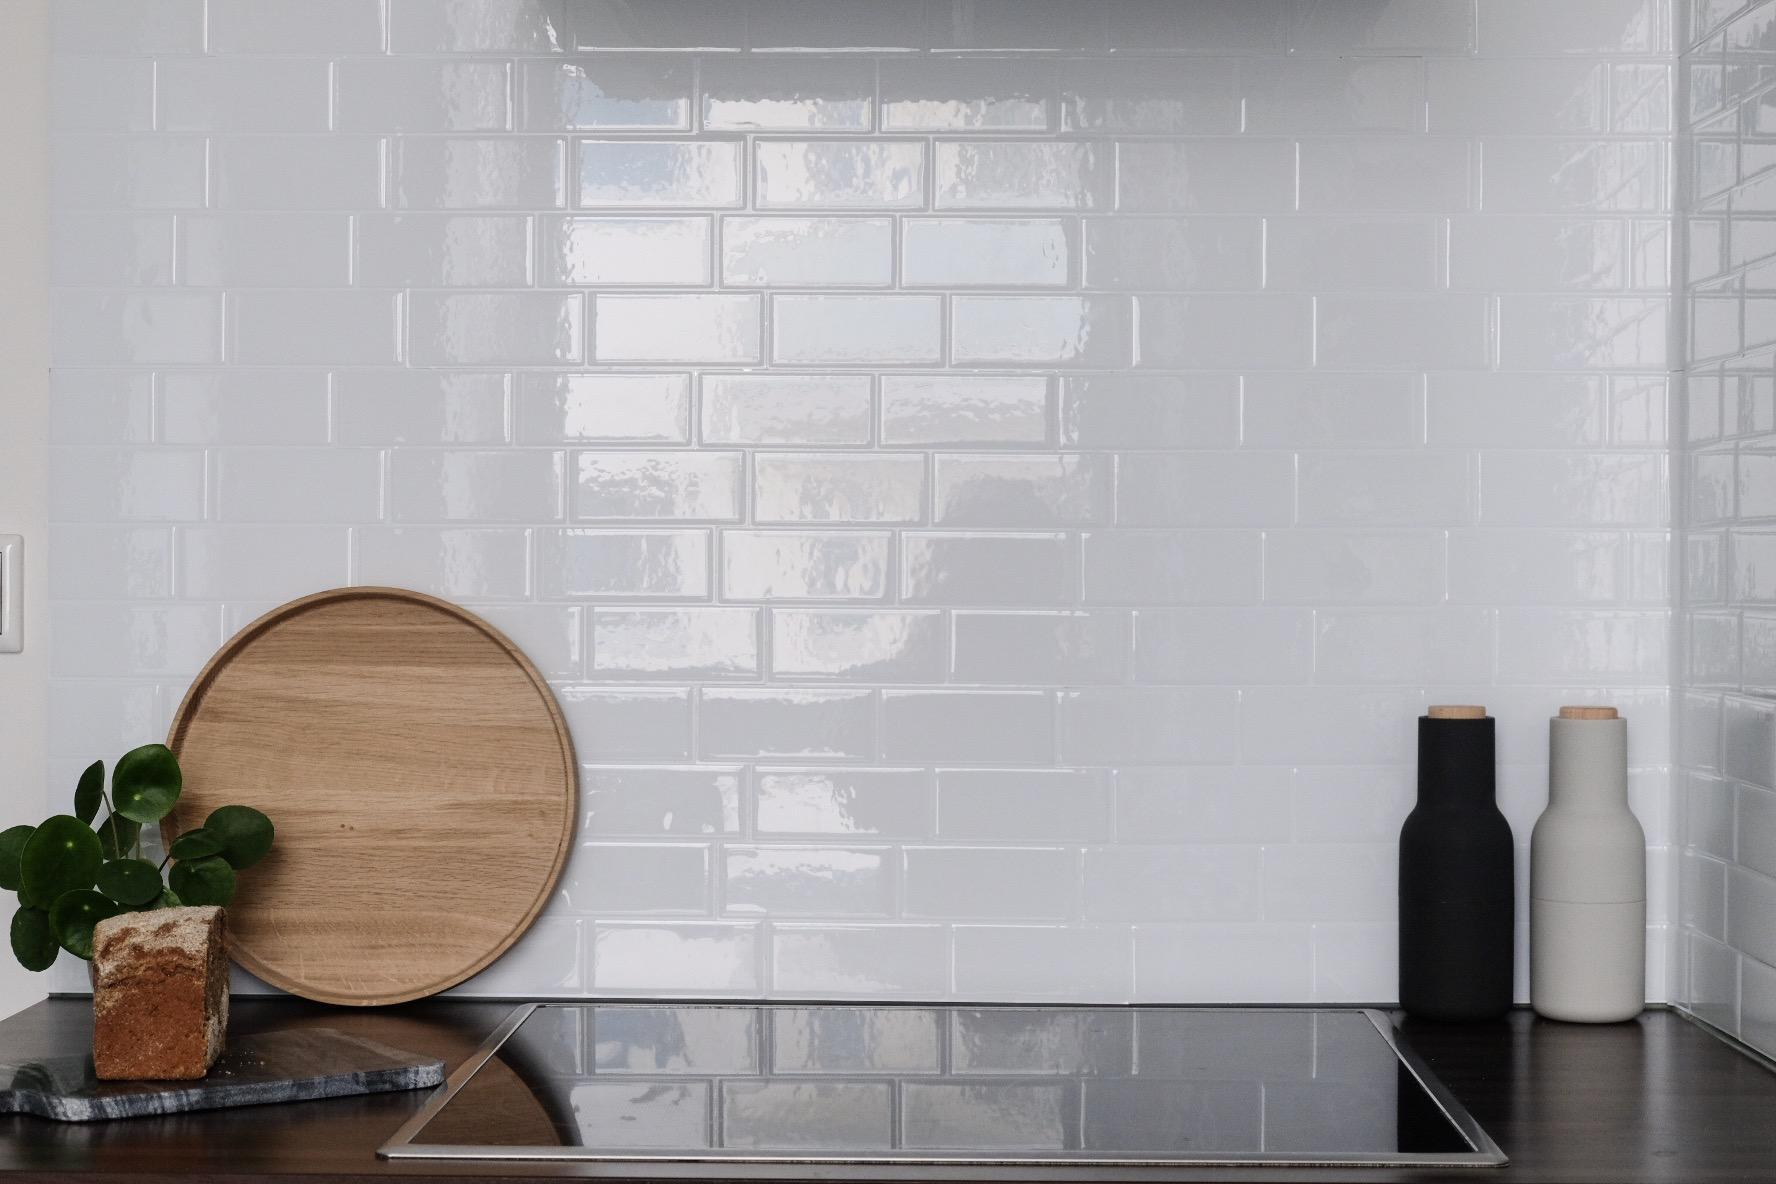 Selbstklebende Fliesen Küchenrückwand